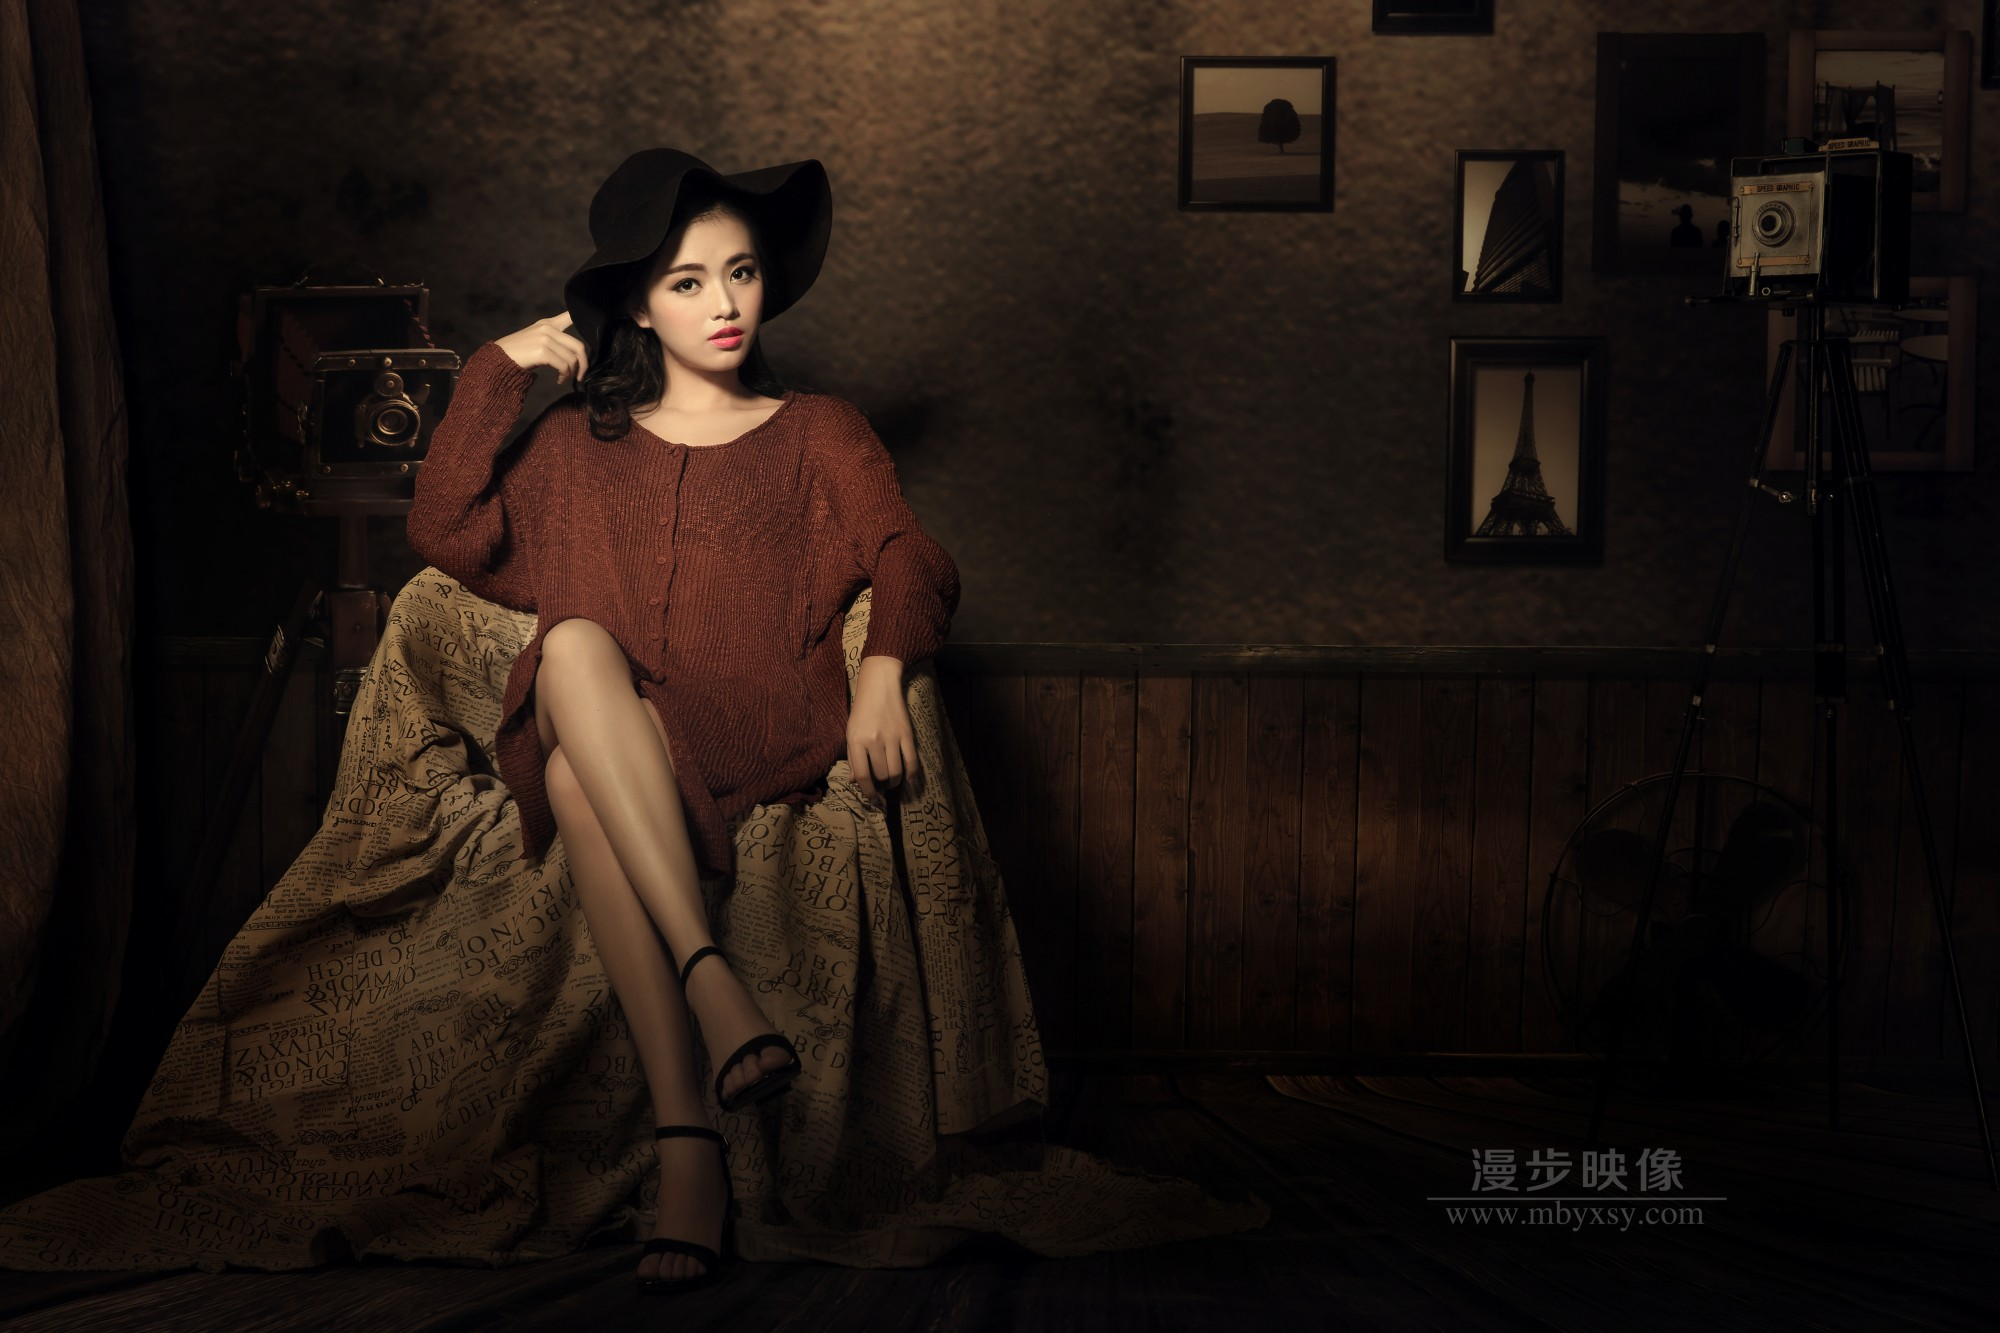 流年-漫步映像摄影工作室-桂林婚纱摄影-桂林艺术照